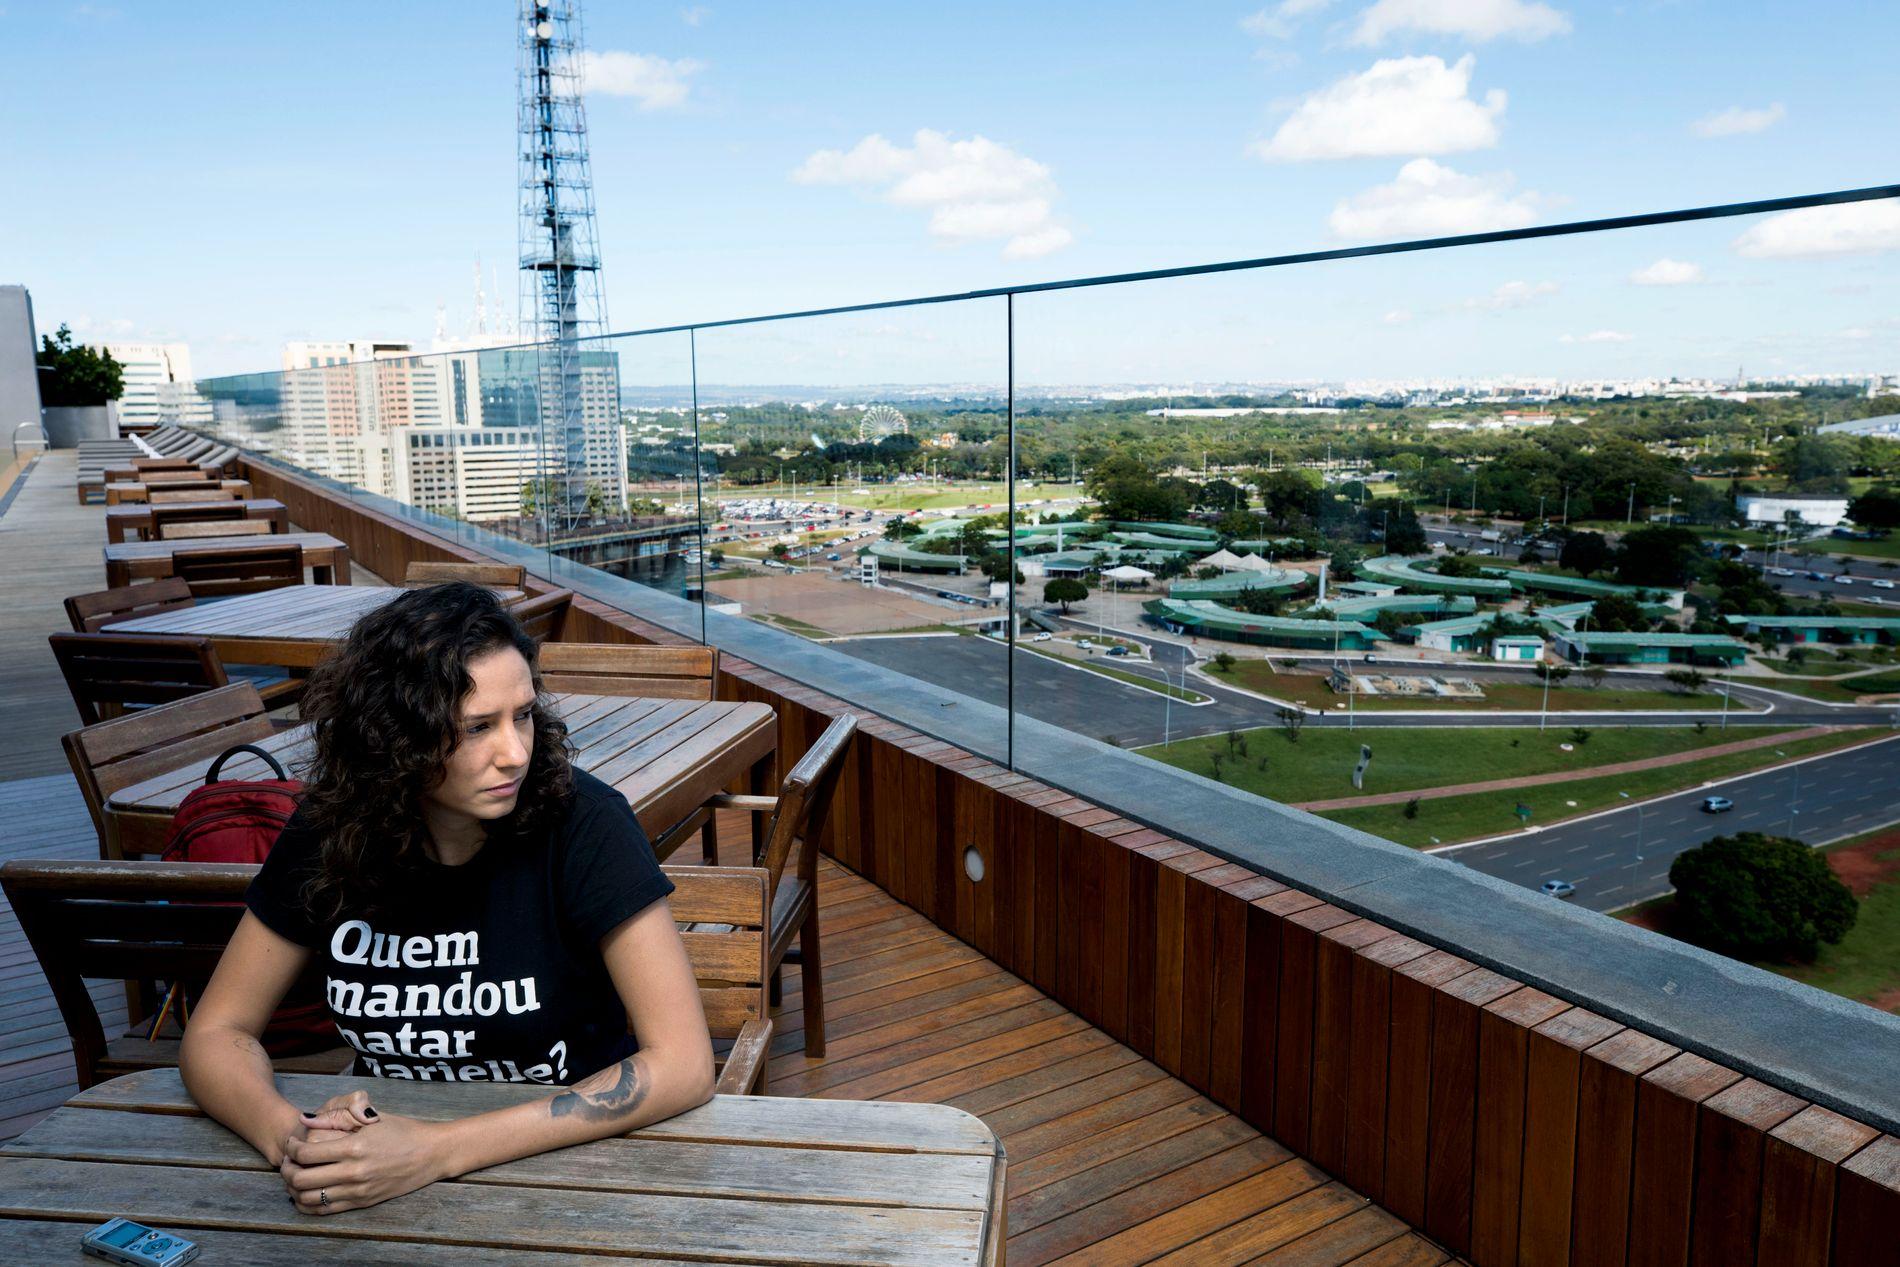 VIL HA SVAR: Monica Benicio møter VG på en takterrasse på et moderne hotell i den brasilianske hovedstaden Brasilia.